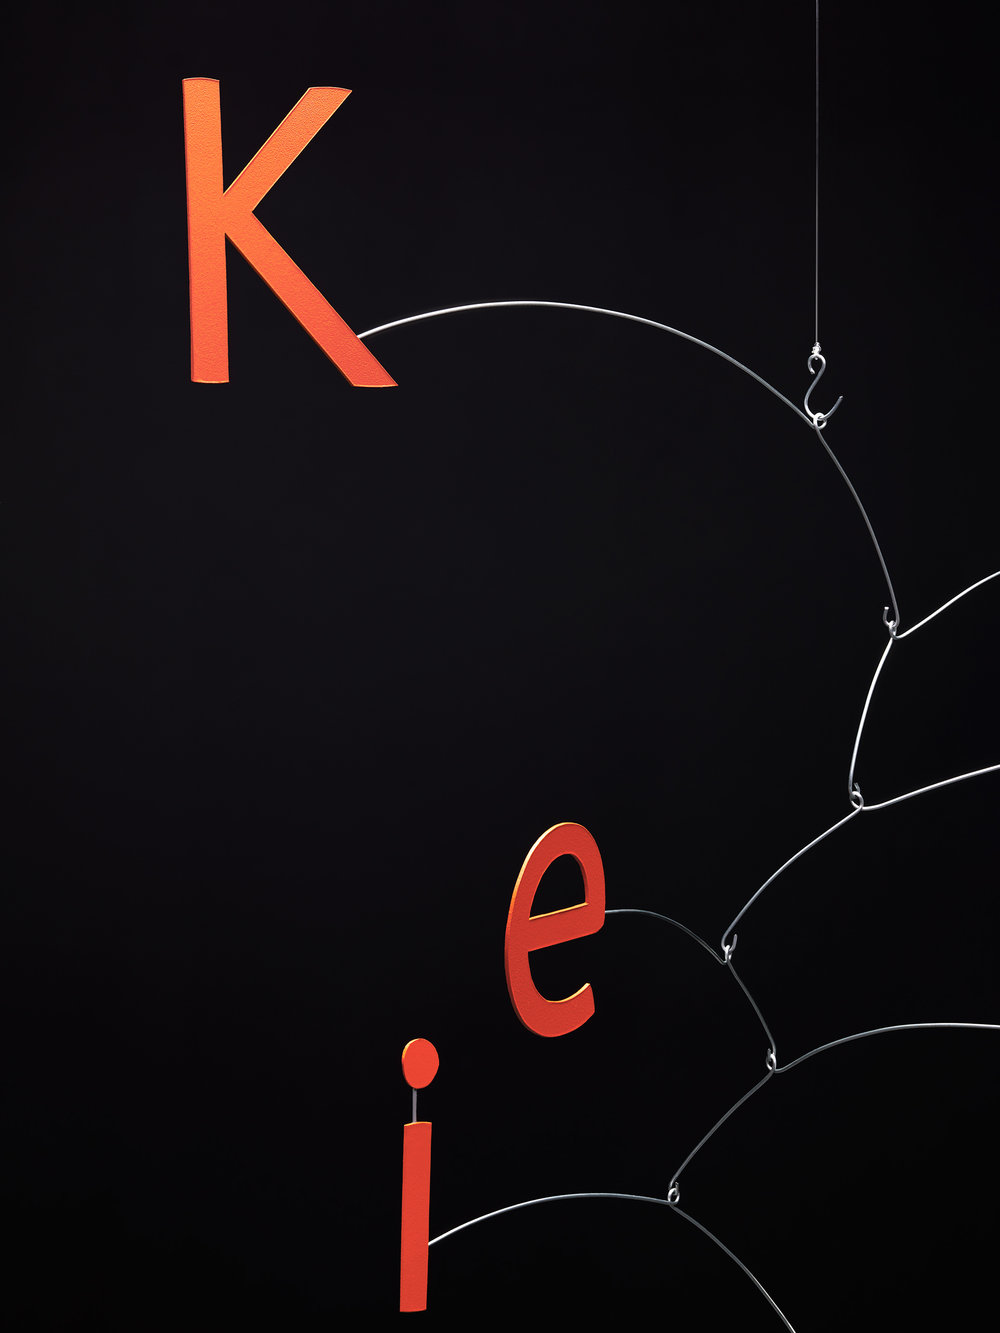 21_Kinetic.jpg